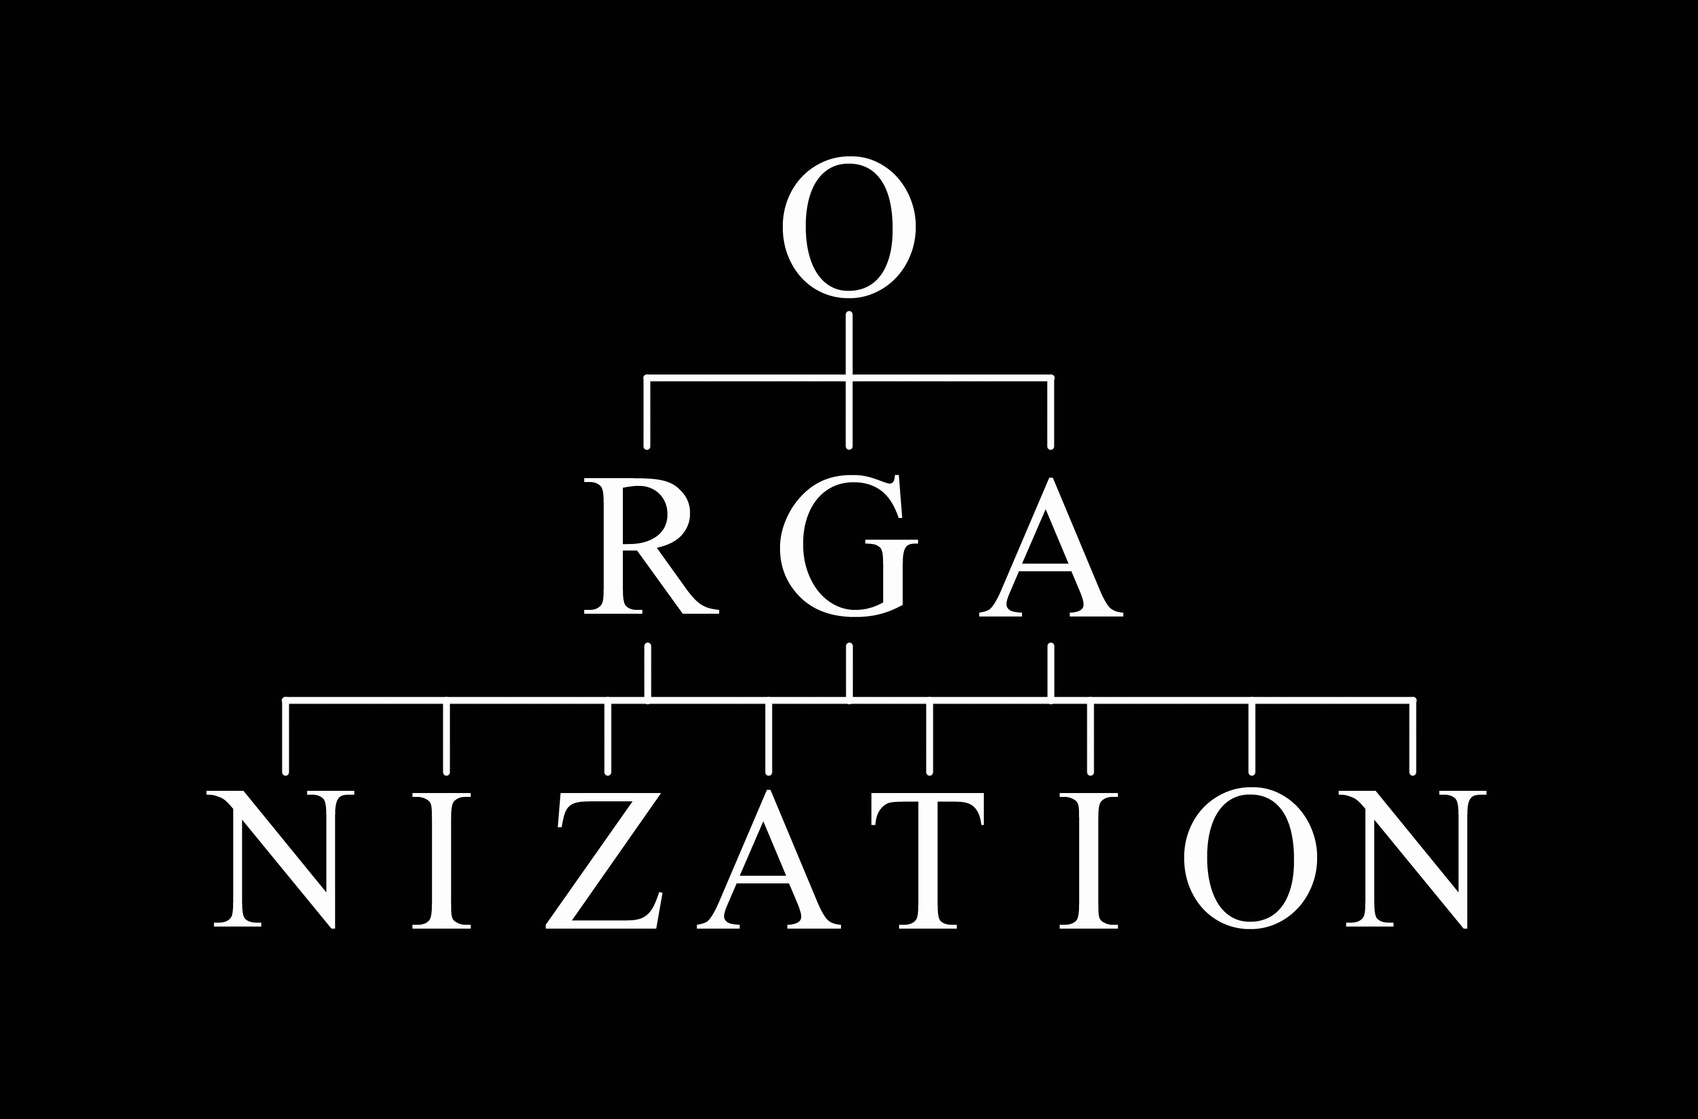 ייעוץ ארגוני - שינוי ארגוני וצמיחה